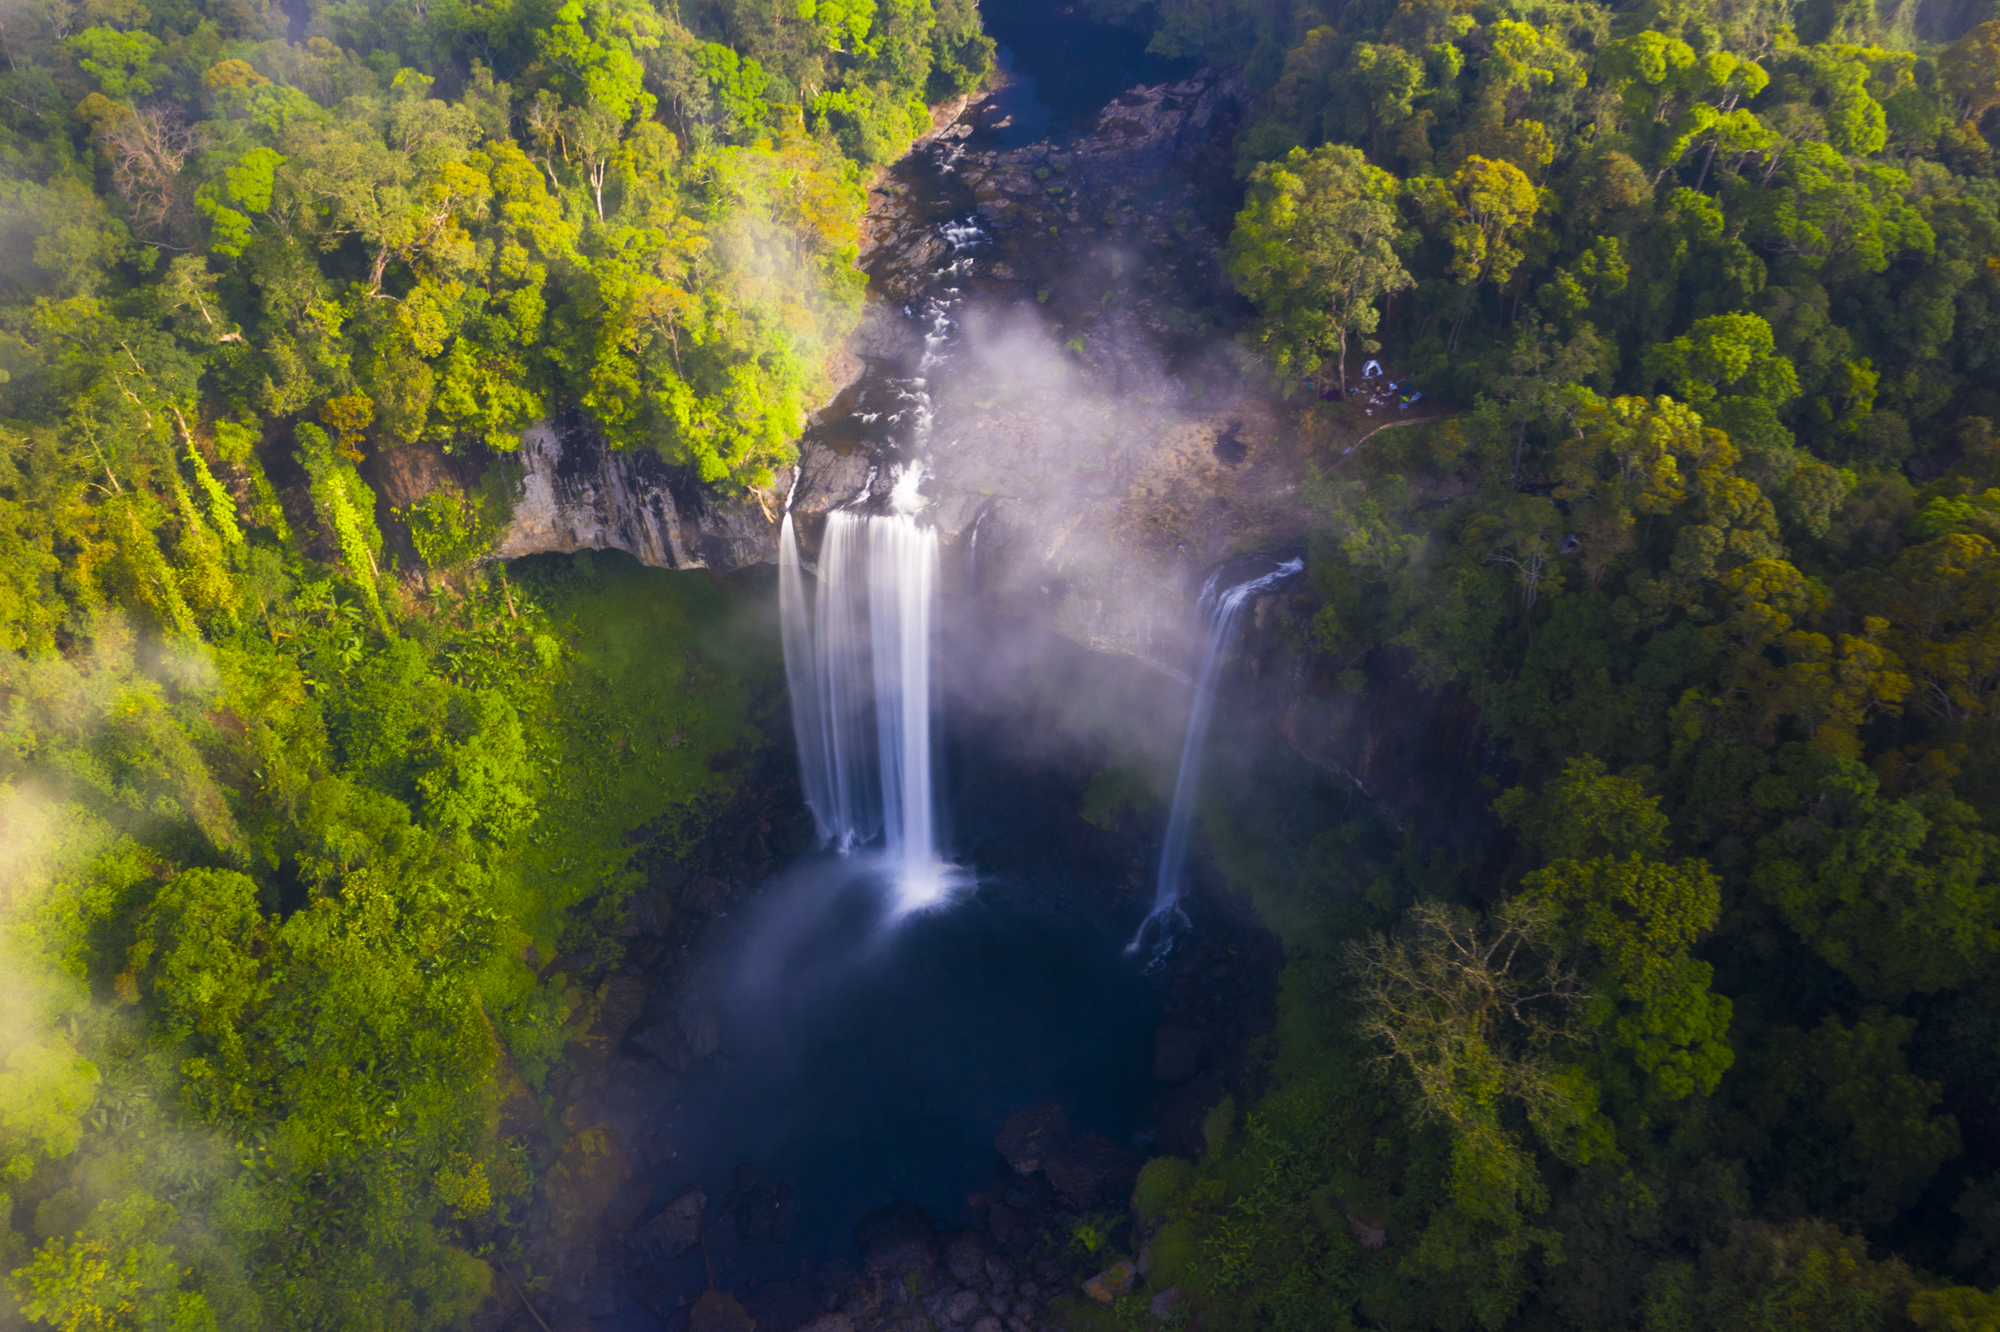 Ngắm thác nước được ví như 'nàng công chúa ngủ trong rừng' ở Tây Nguyên - Ảnh 1.